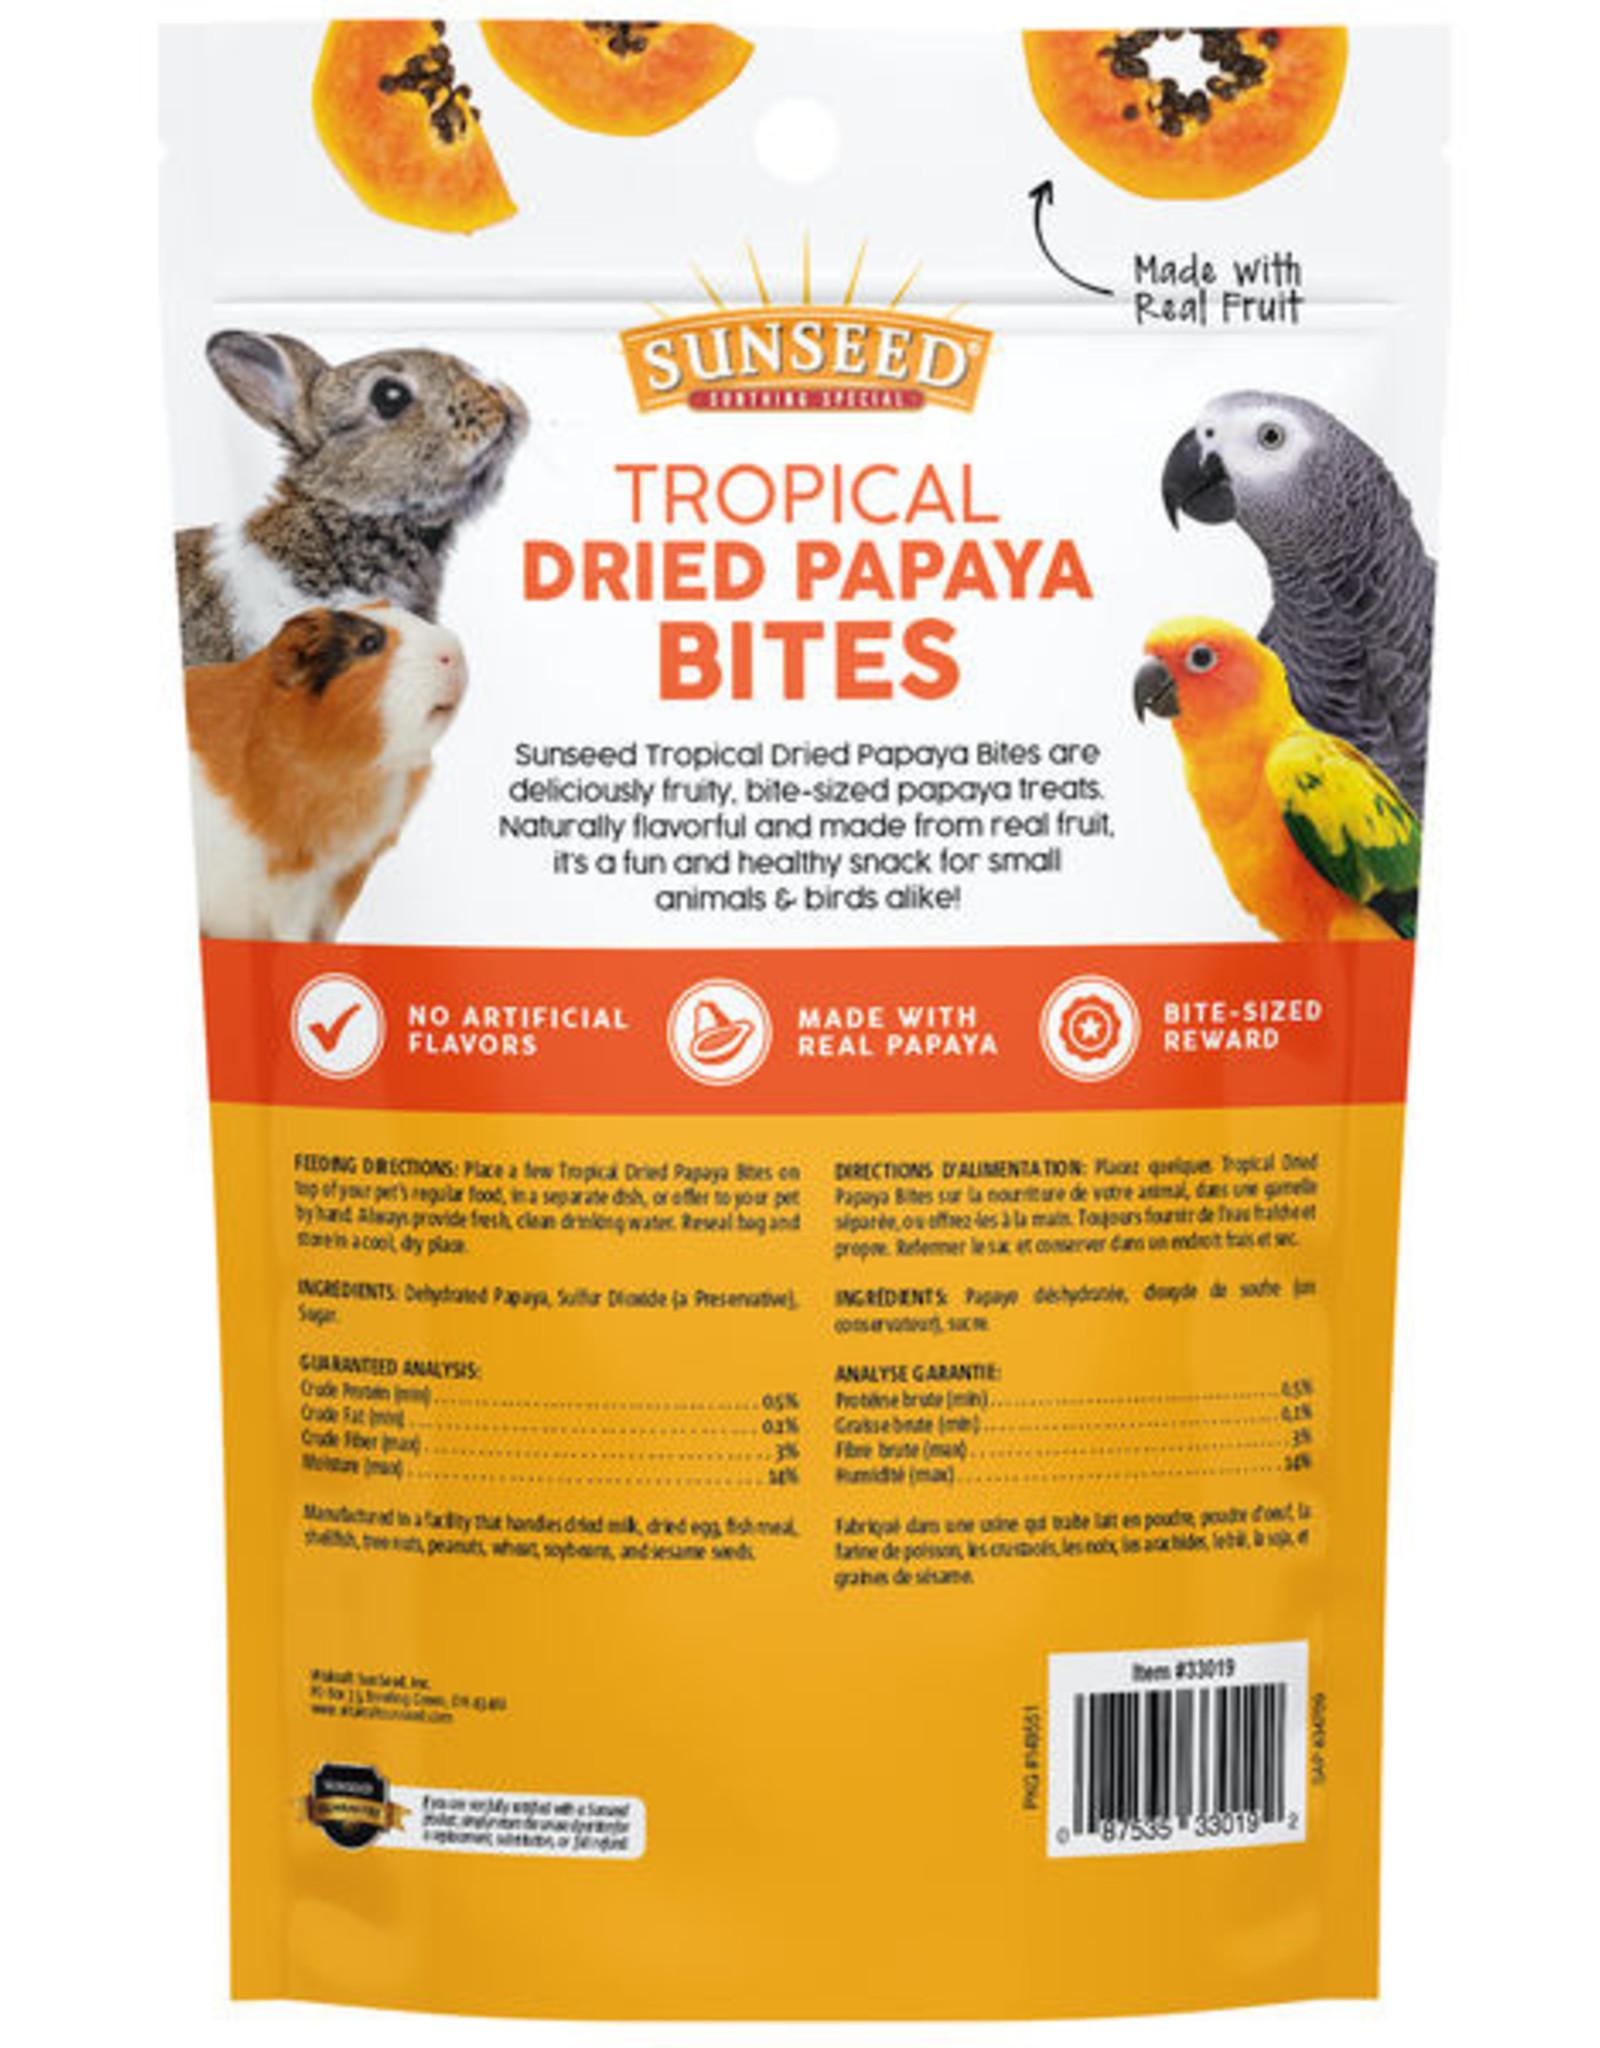 Sunseed Tropical Dried Papaya Bites